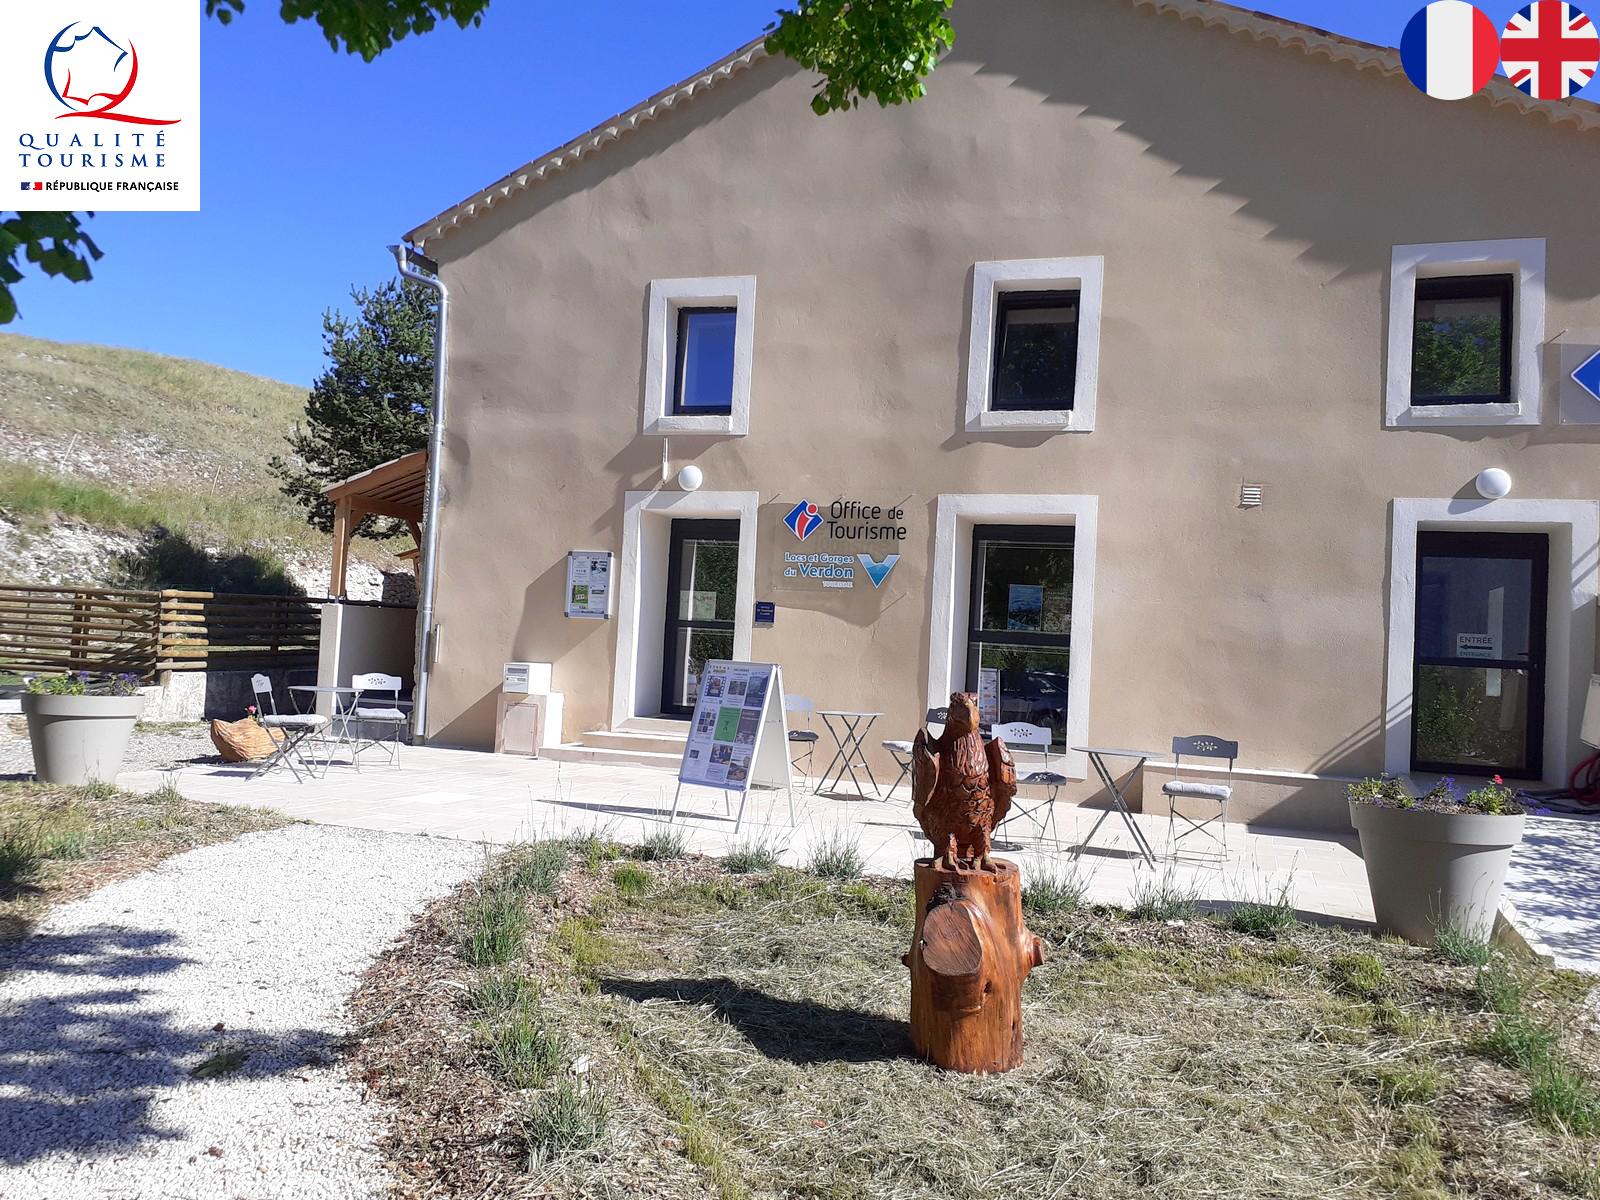 Photo La Martre - Artuby Tourisme